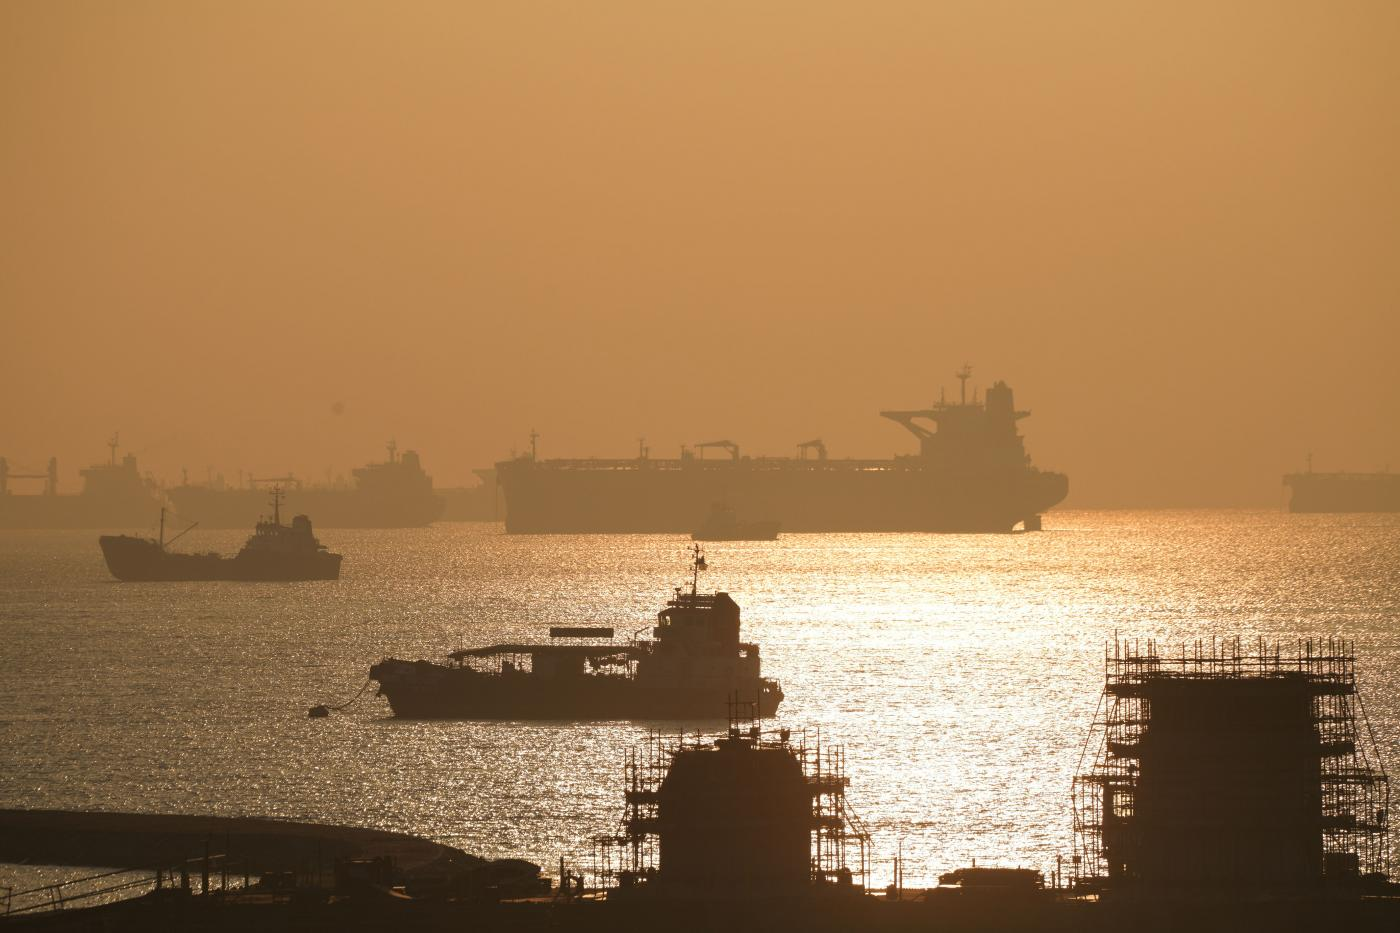 SINGAPORE-ECONOMY-NON OIL EXPORTS INCREASE by xinjiapo.